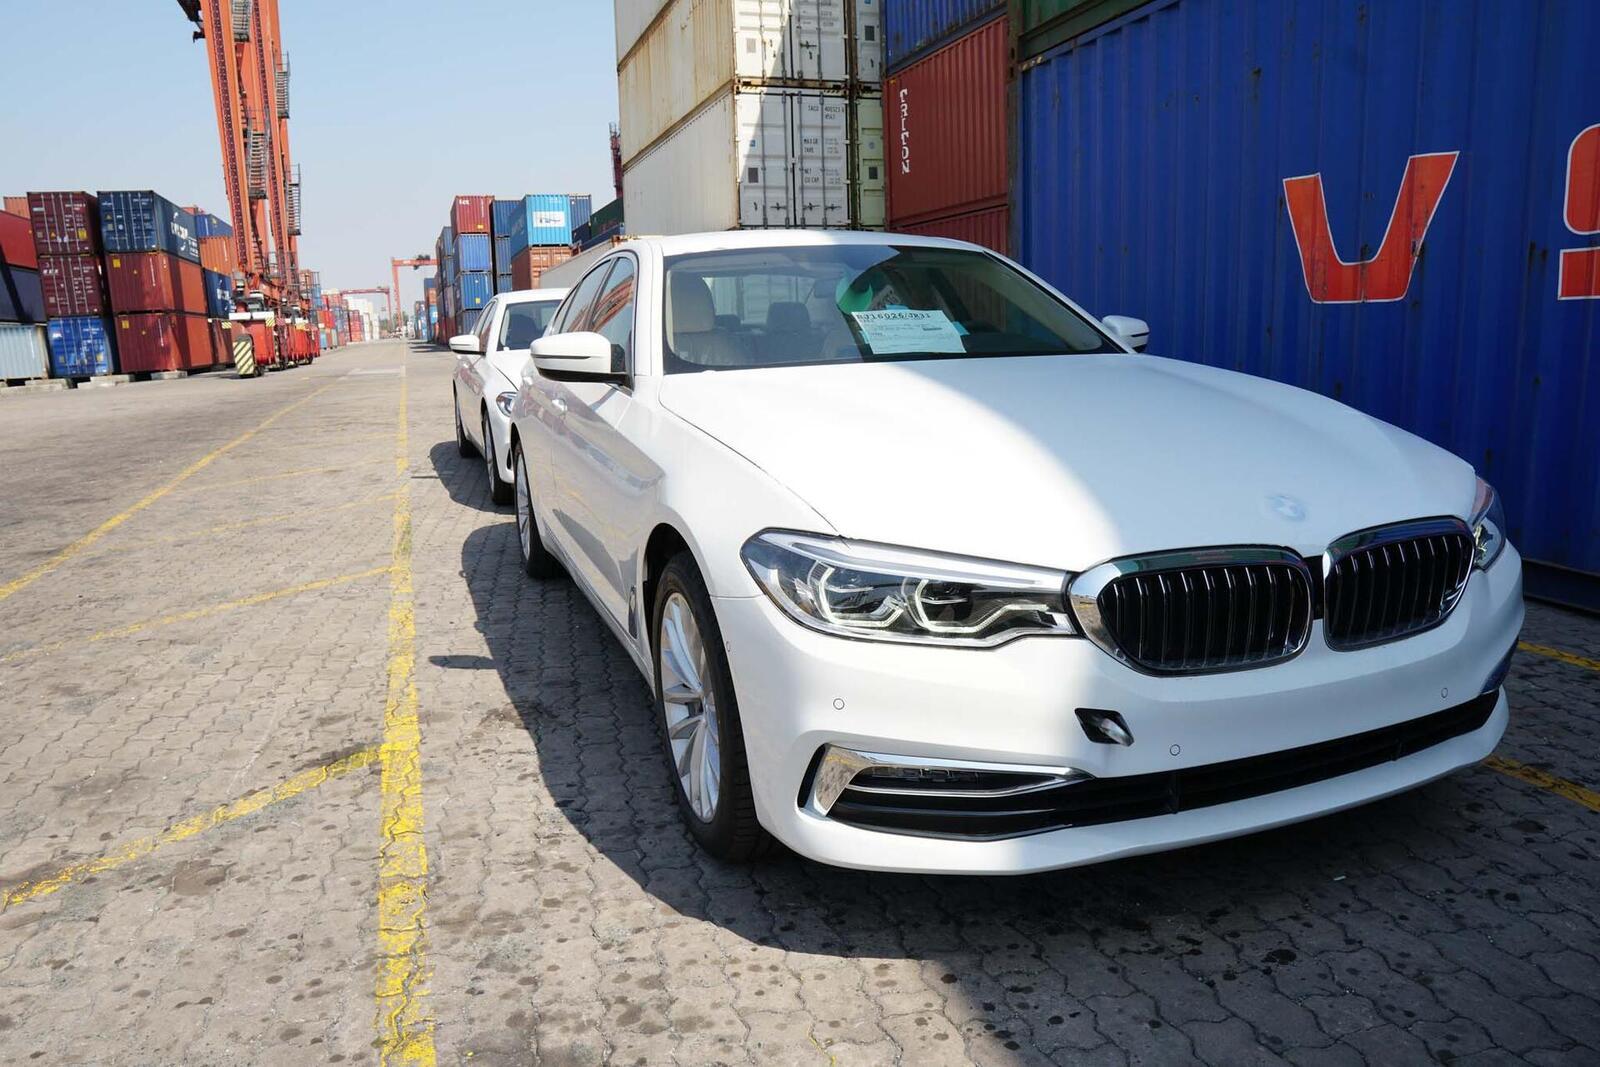 Cận cảnh BMW 5-Series mới (G30) vừa cập cảng tại Việt Nam - Hình 8